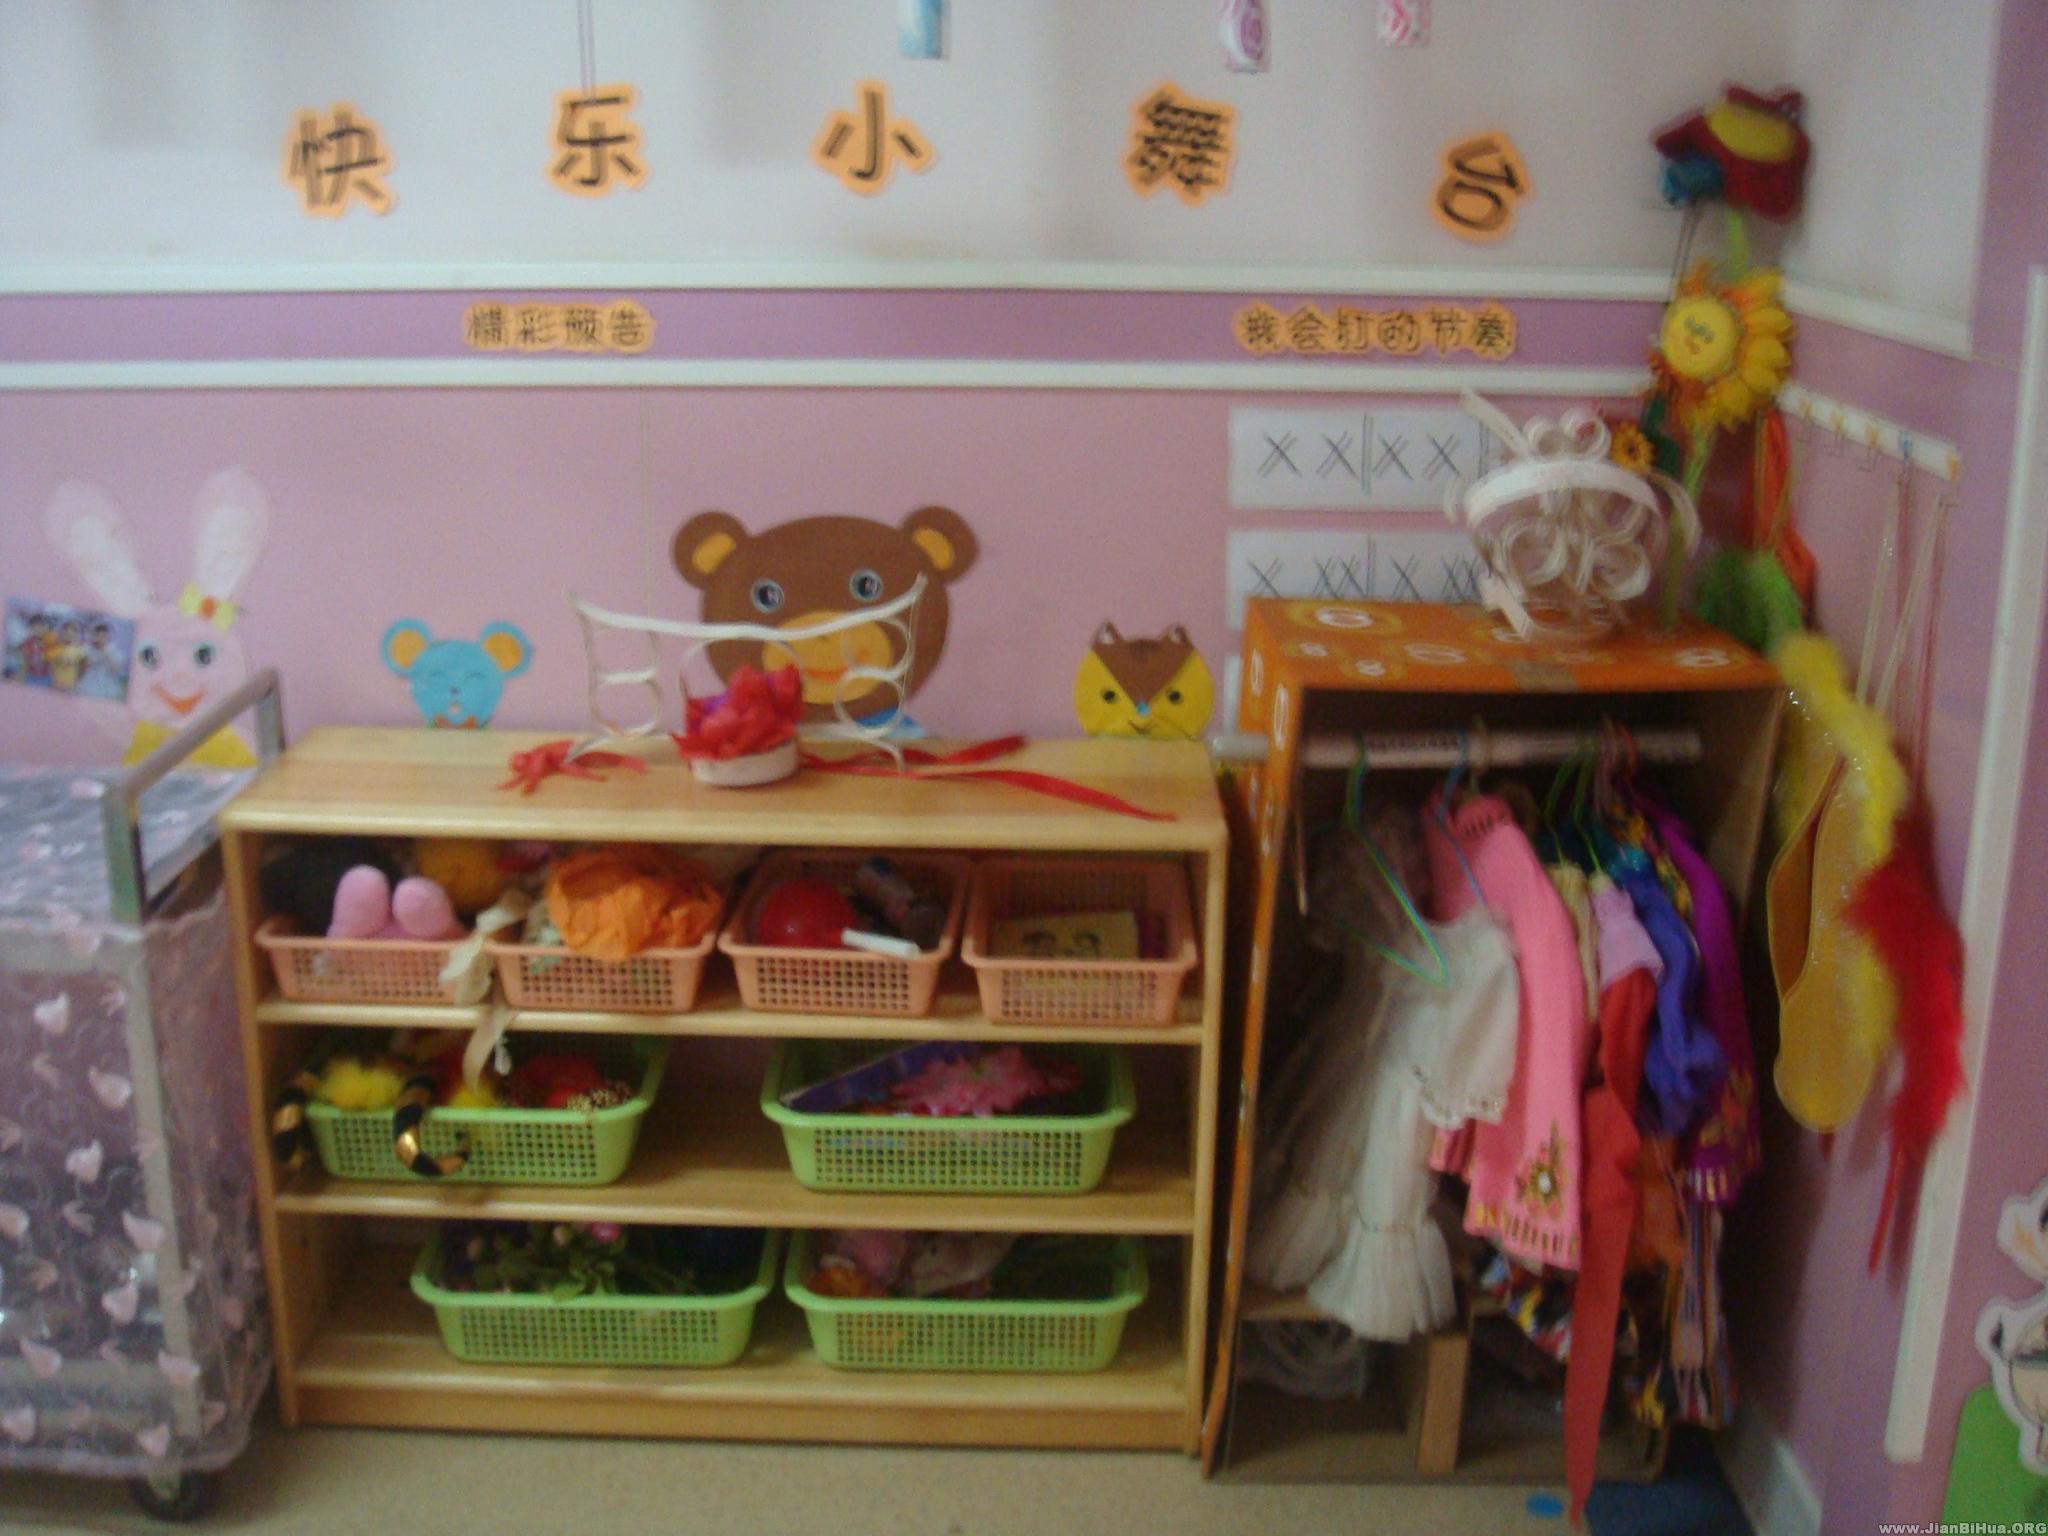 幼儿园舞台设计图片,幼儿园舞台背景图片,舞台背景设计图片,幼儿园小图片